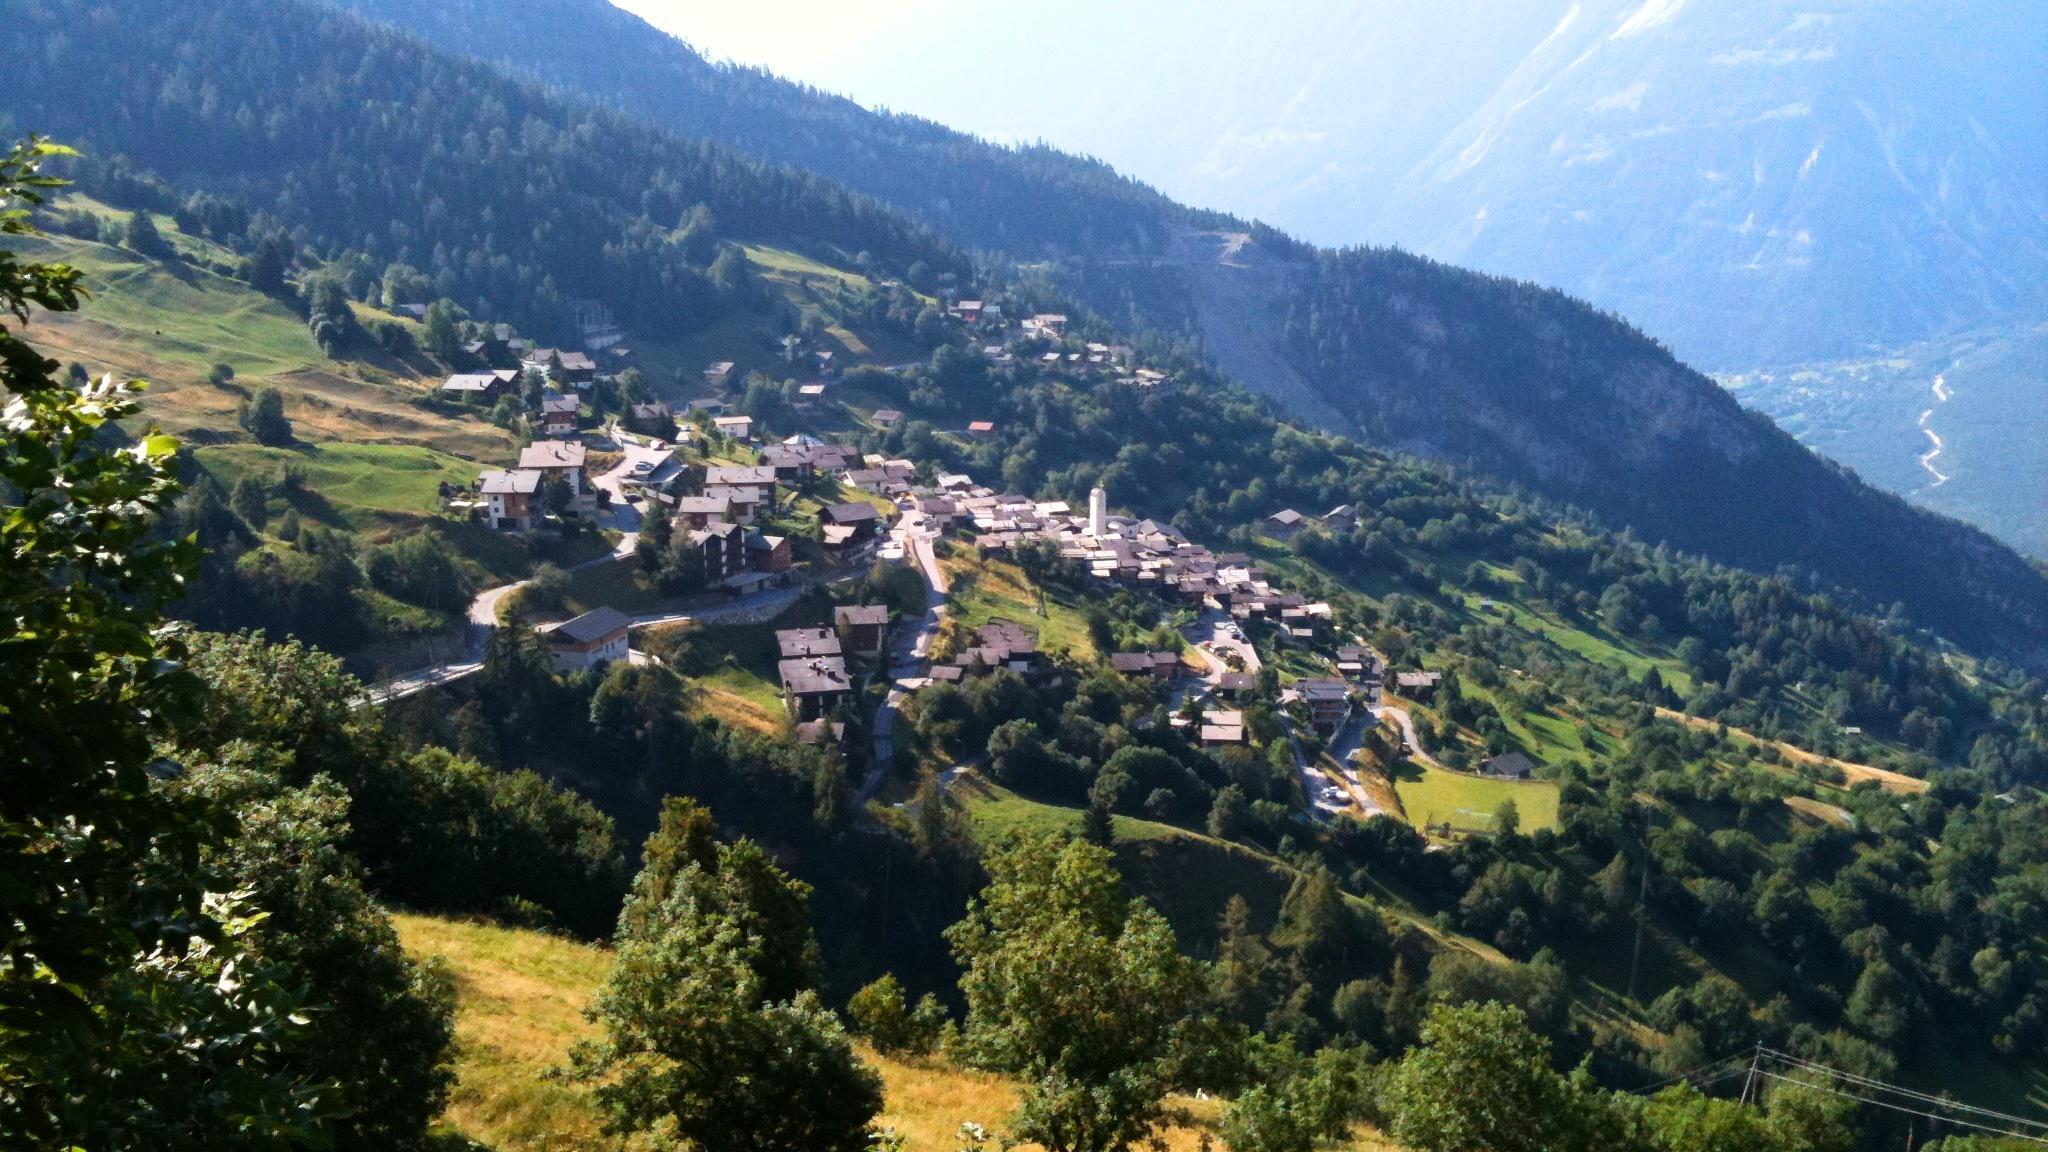 Suiza quiere ofrecer hasta US$ 70.000 a quienes se muden a este pueblo